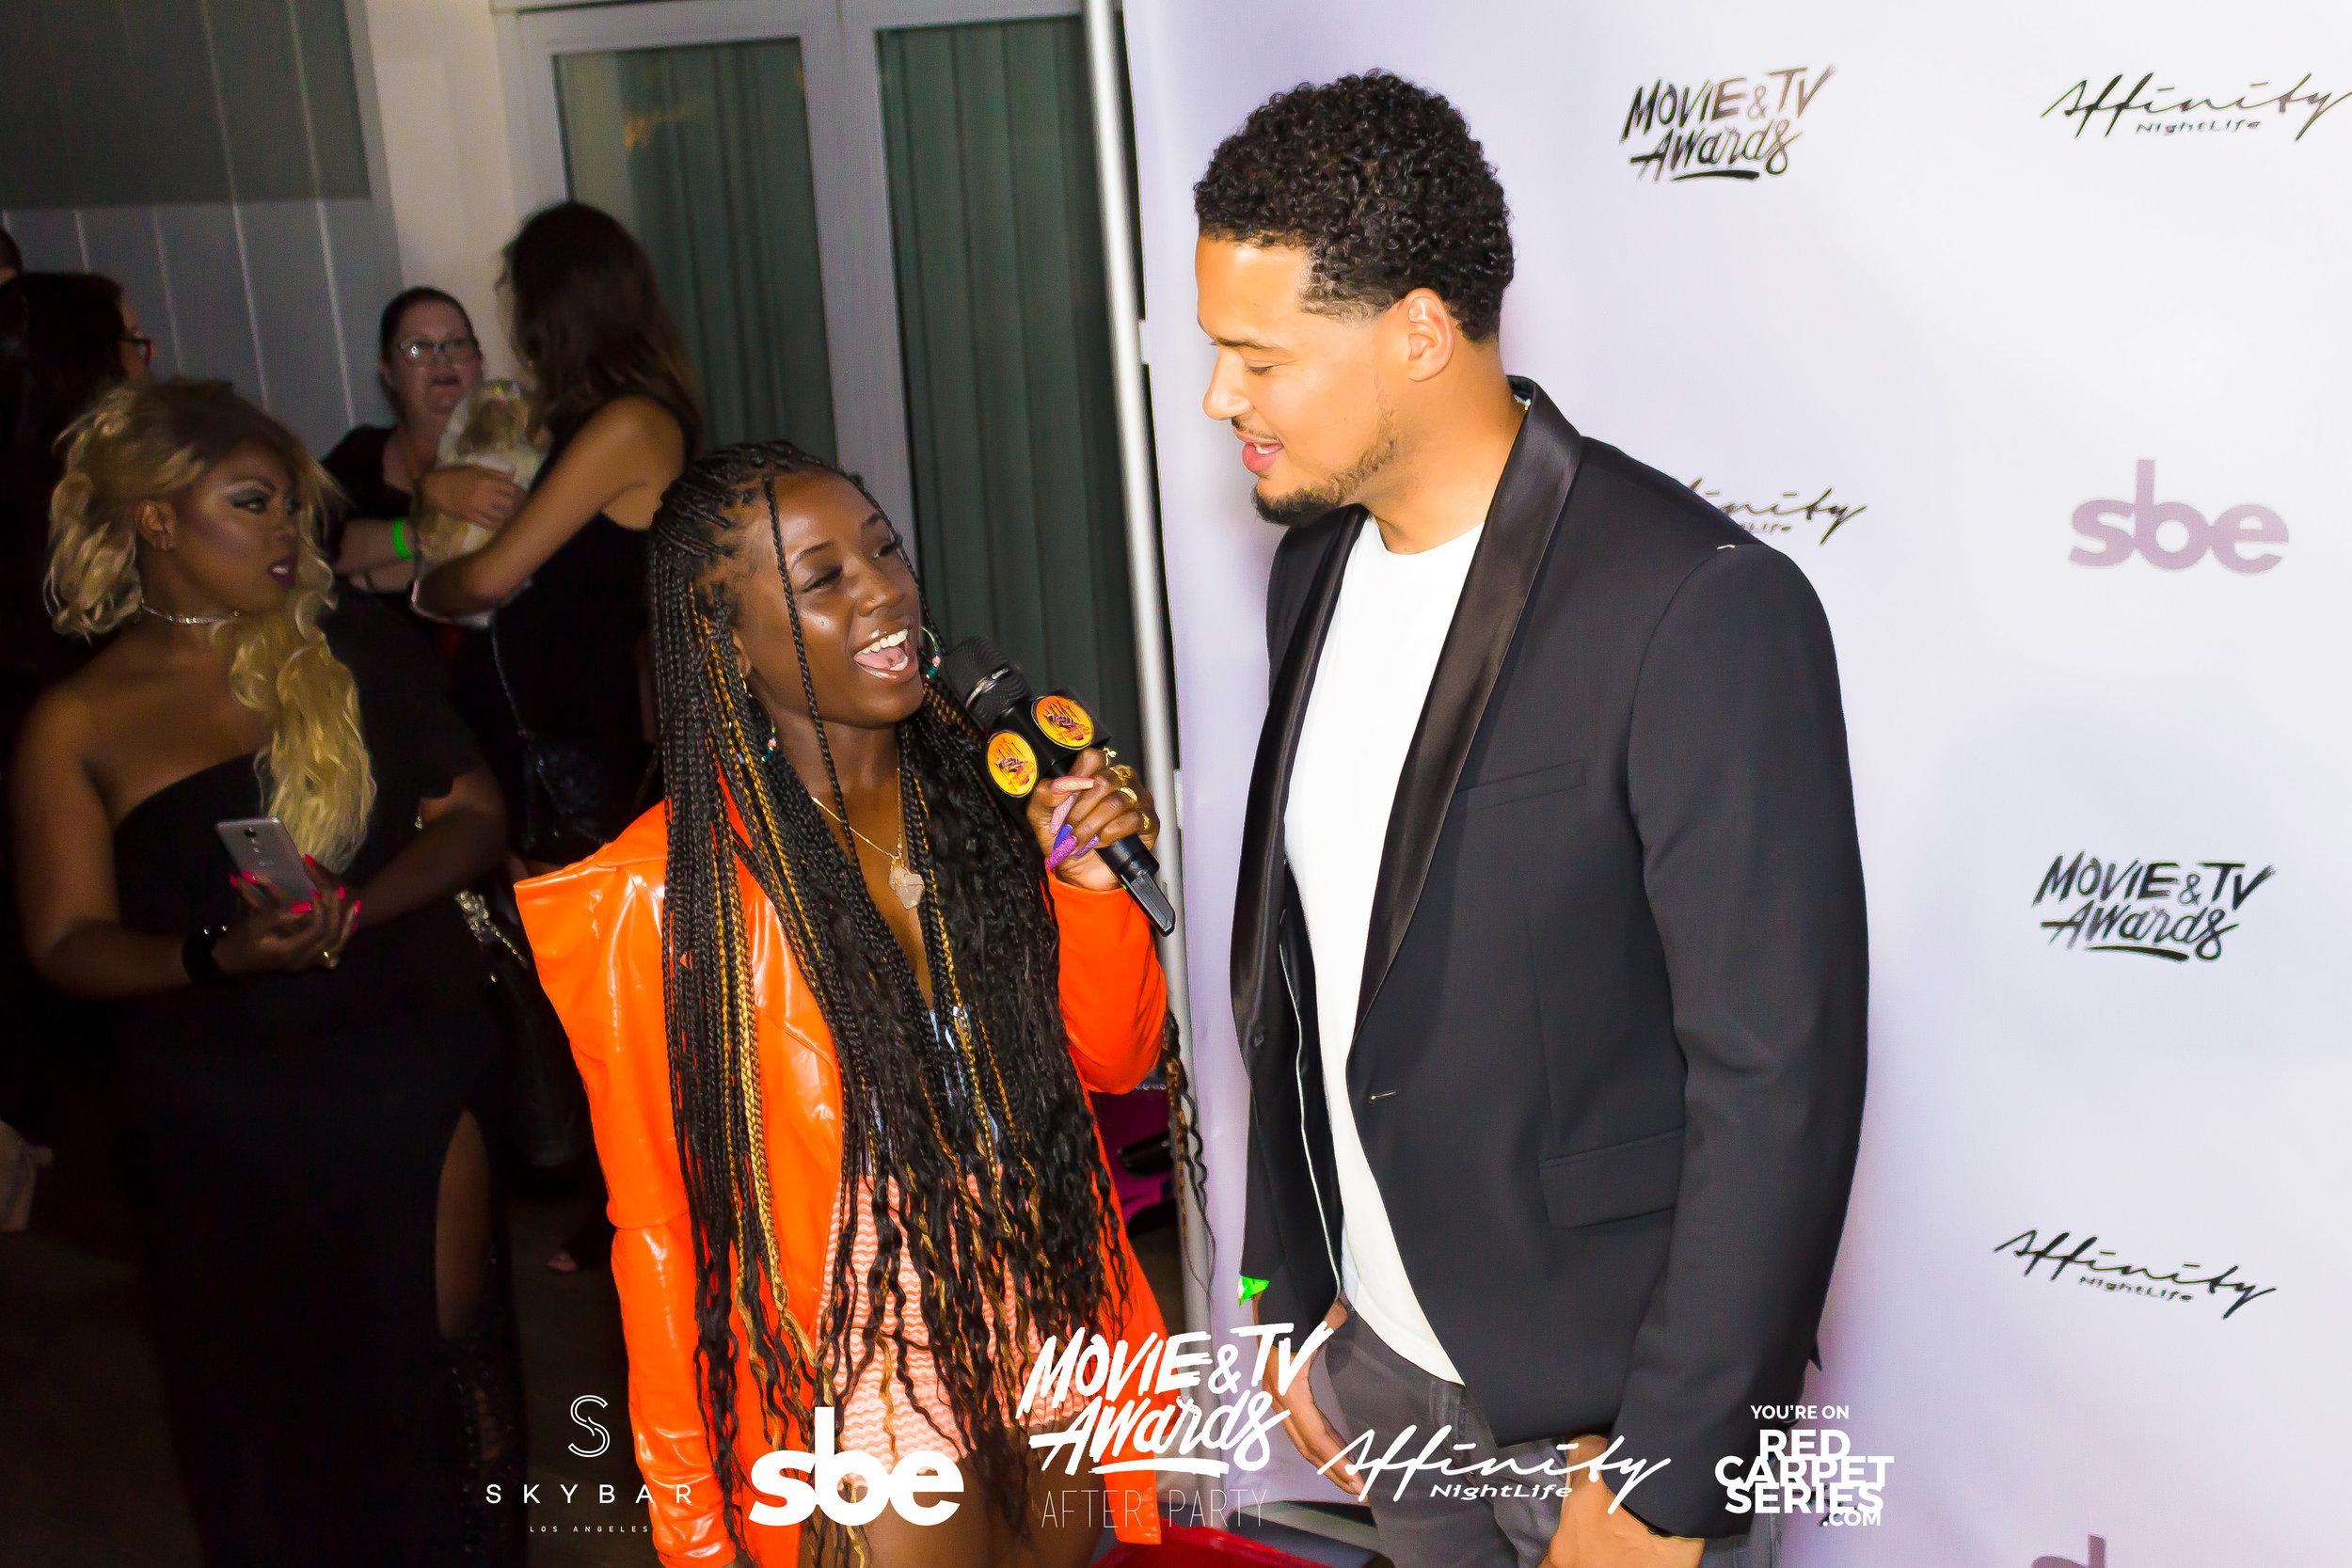 Affinity Nightlife MTV Movie & TV Awards After Party - Skybar at Mondrian - 06-15-19 - Vol. 1_73.jpg